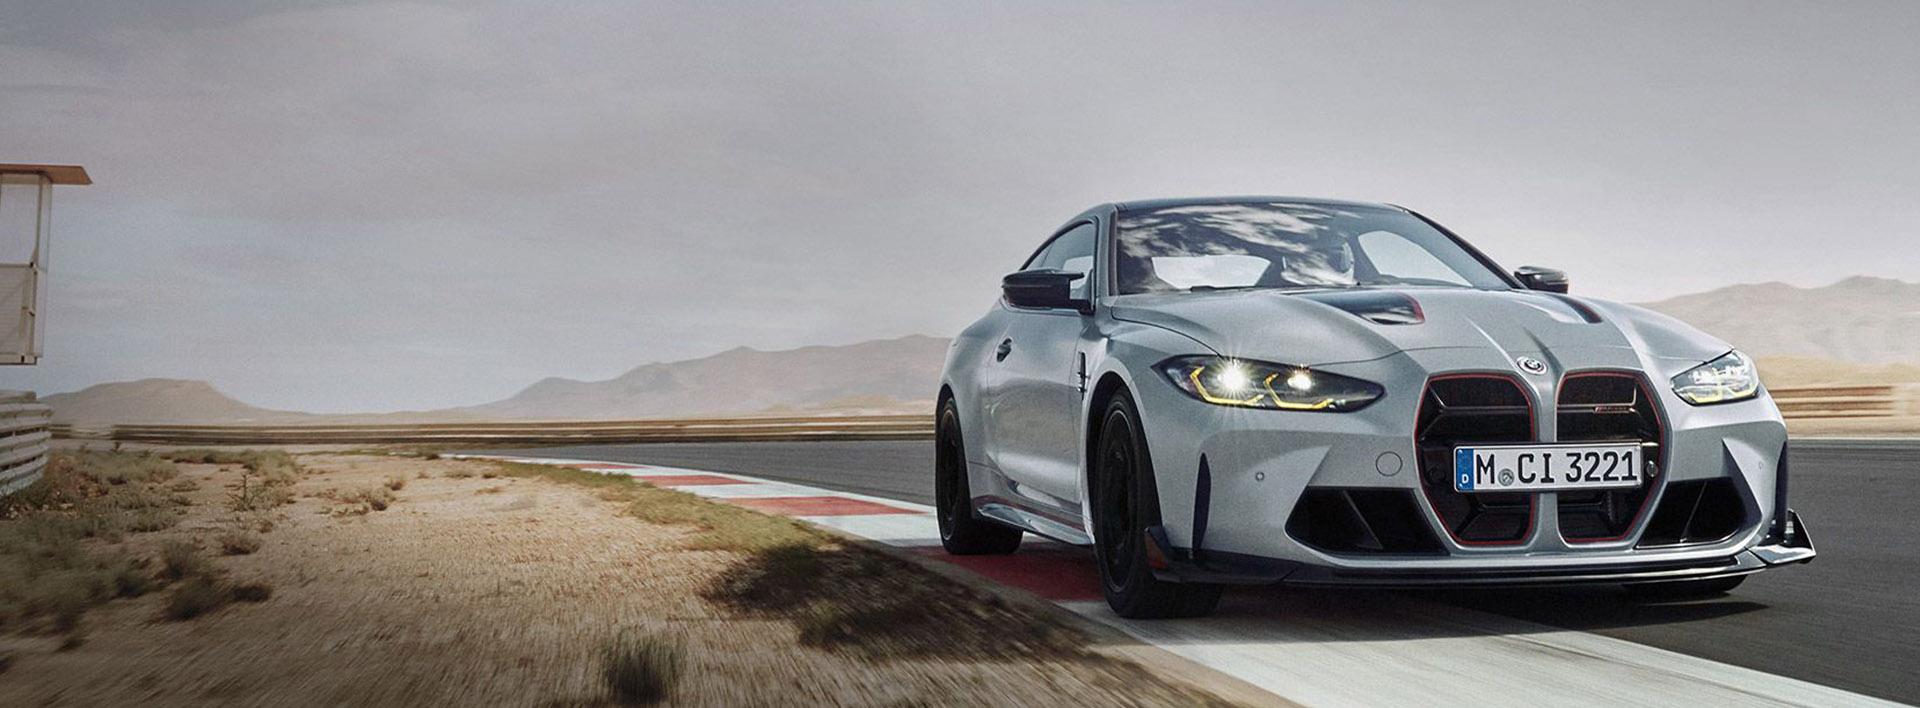 BMW New Car Range